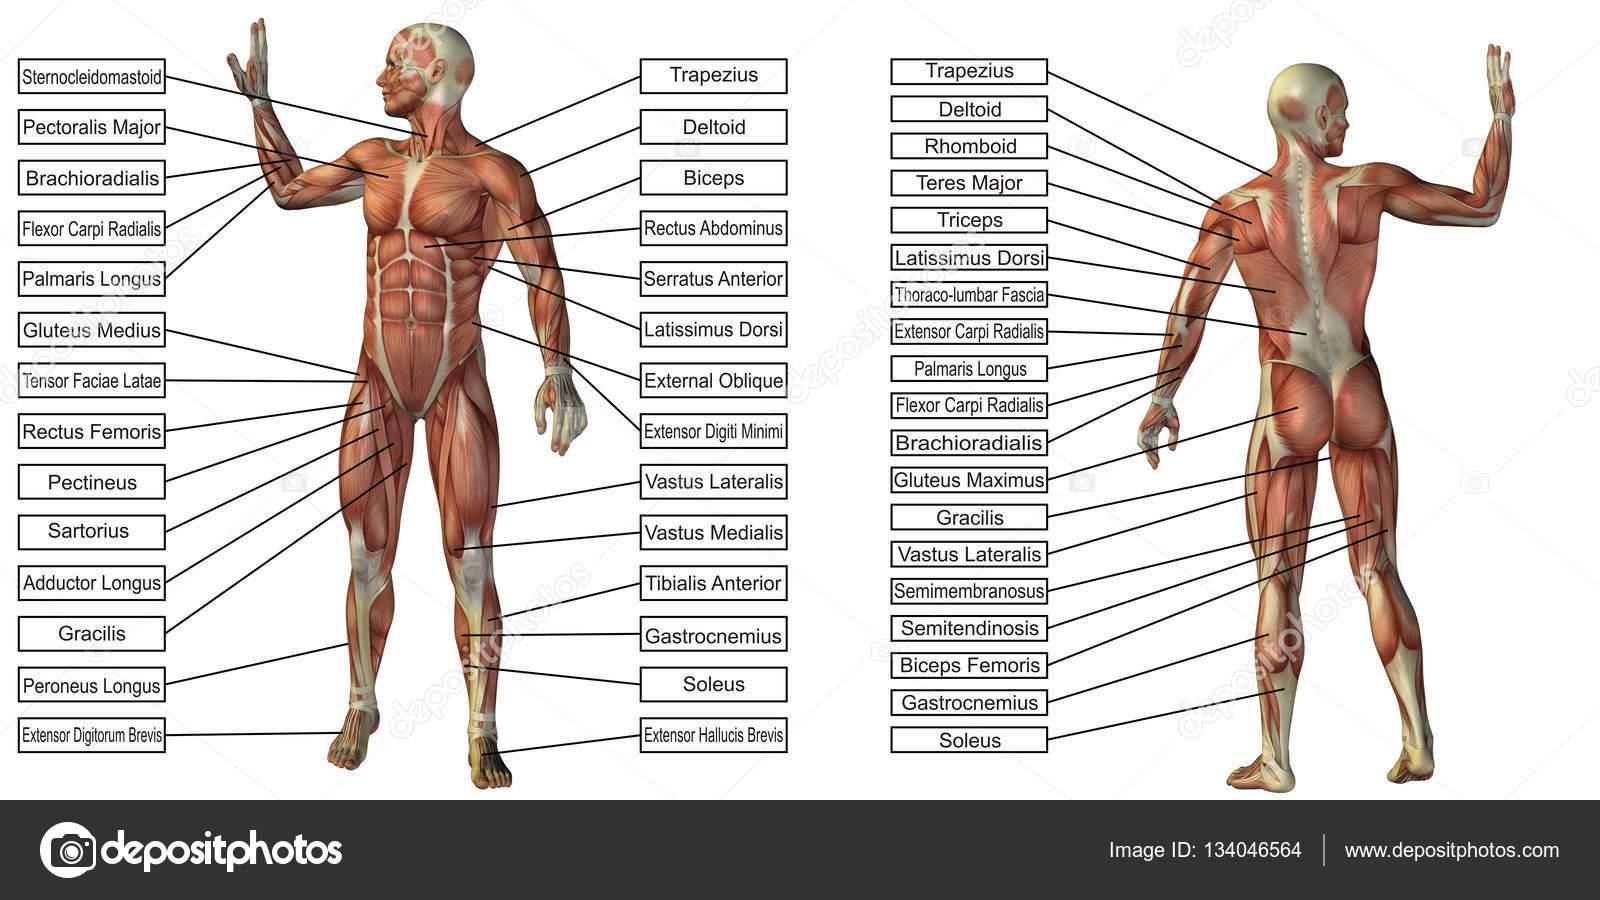 menschliche Anatomie mit textbox — Stockfoto © design36 #134046564